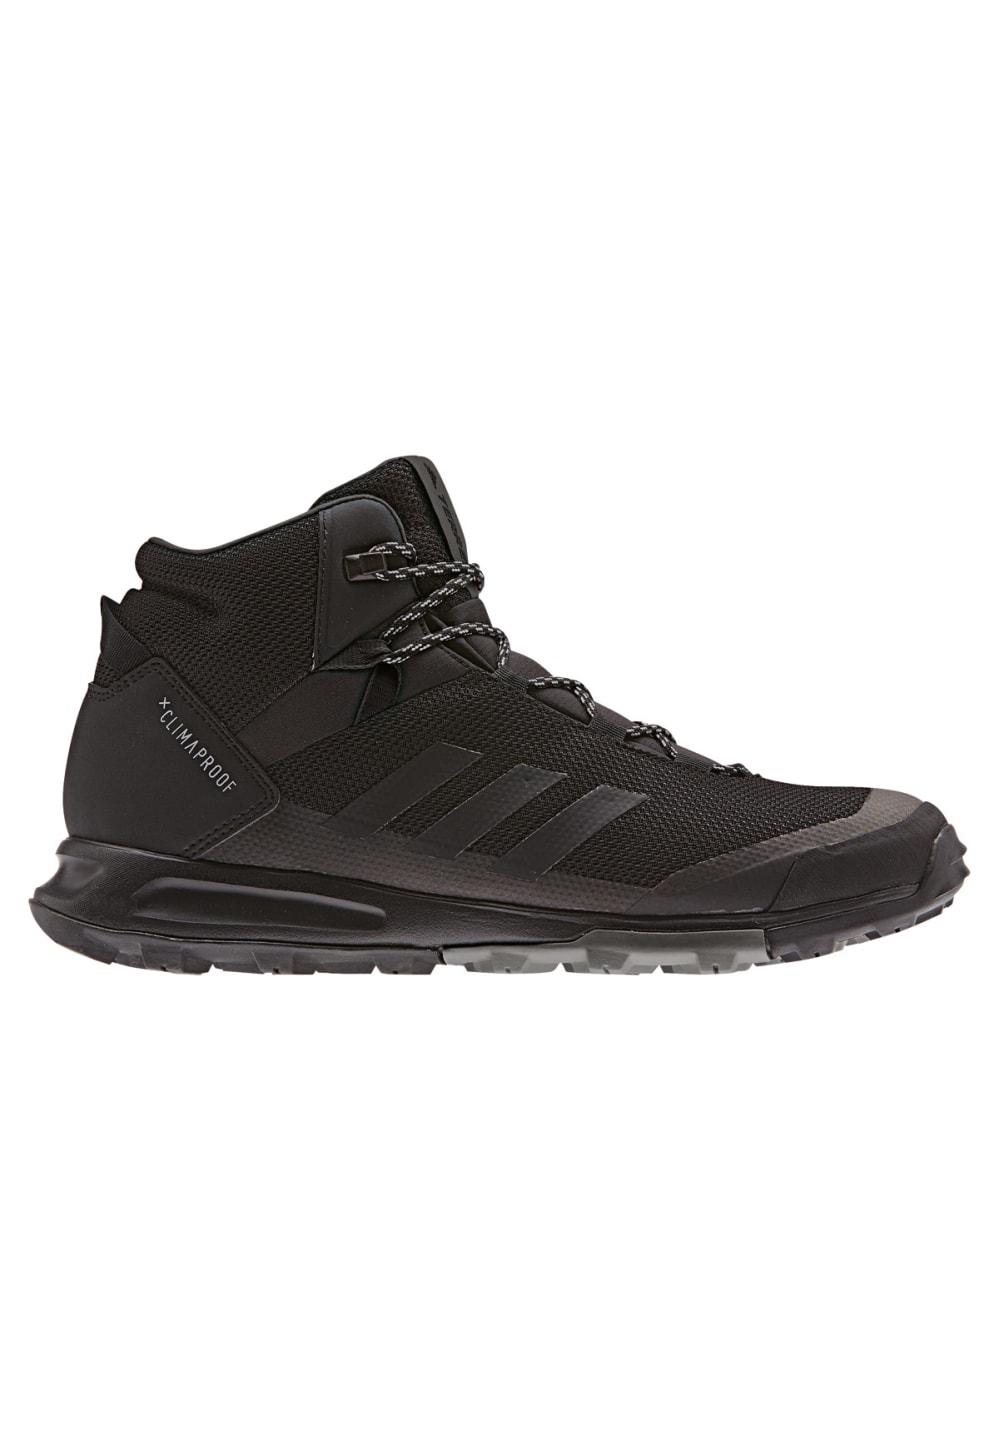 more photos e4402 cf439 Next. adidas TERREX. TERREX Tivid Mid ClimaProof - Chaussures randonnée  pour Homme